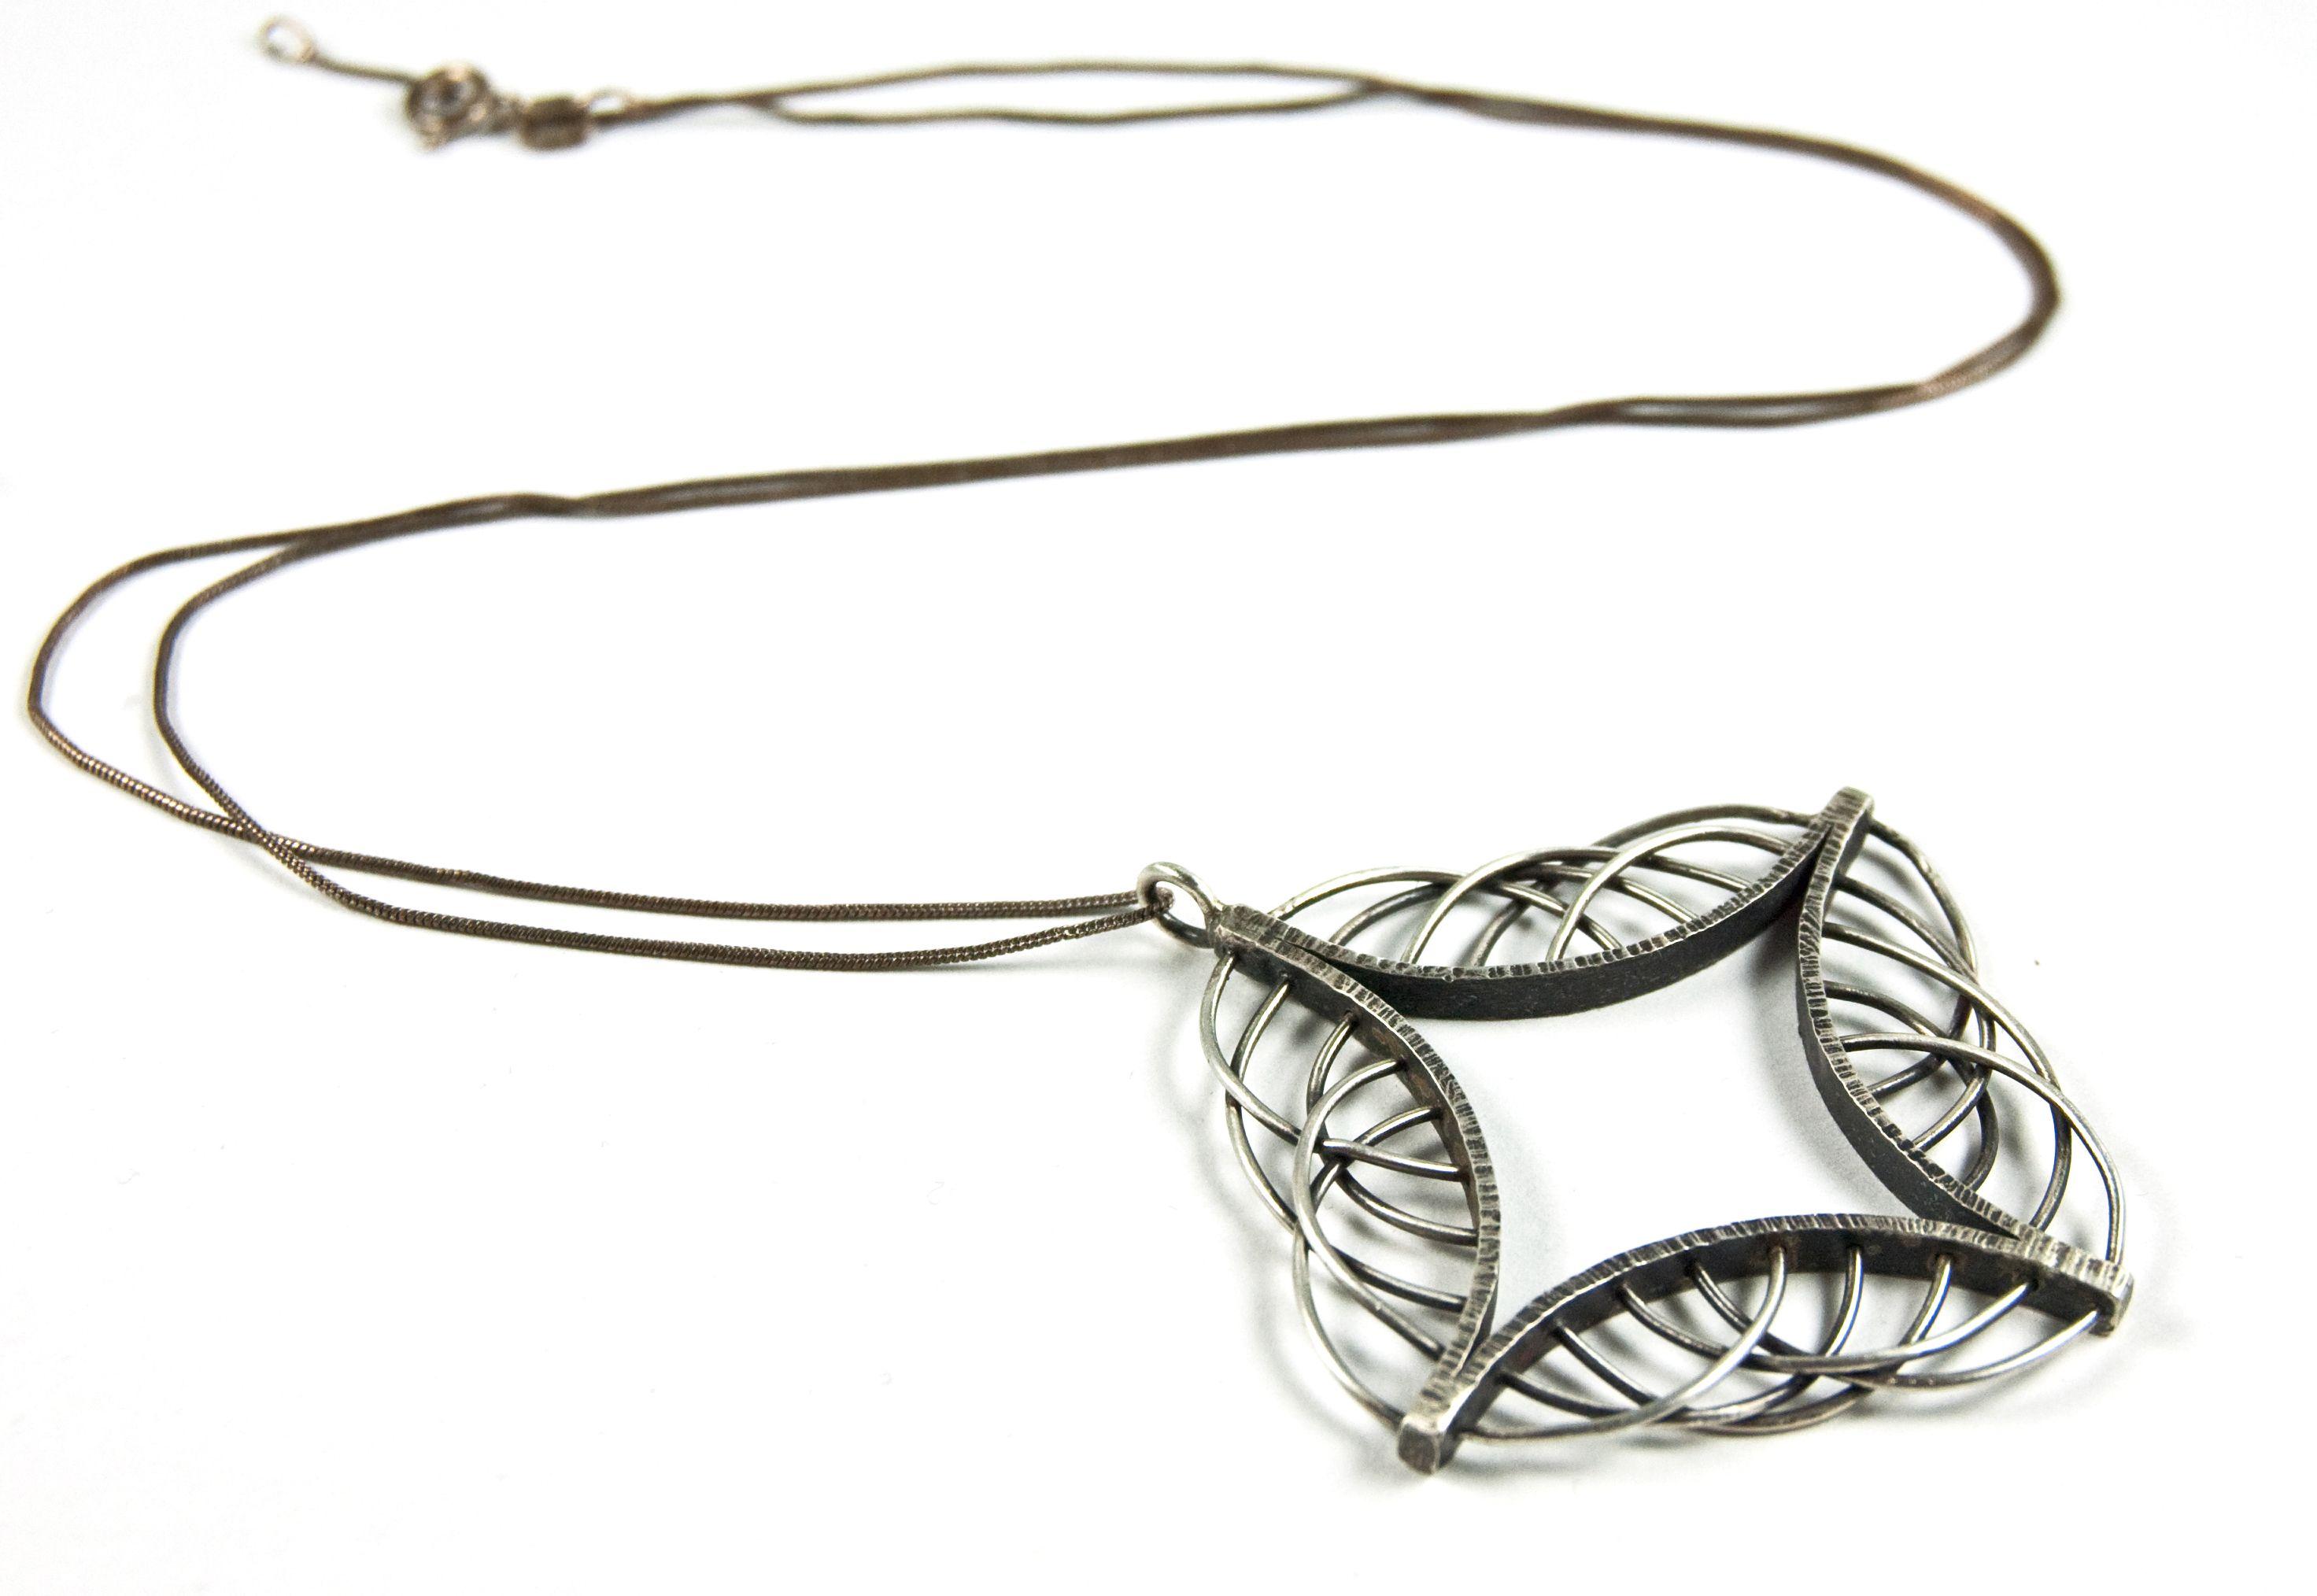 Jewelry by Nikki Nation #accshow #jewelry #handmade #craft ...